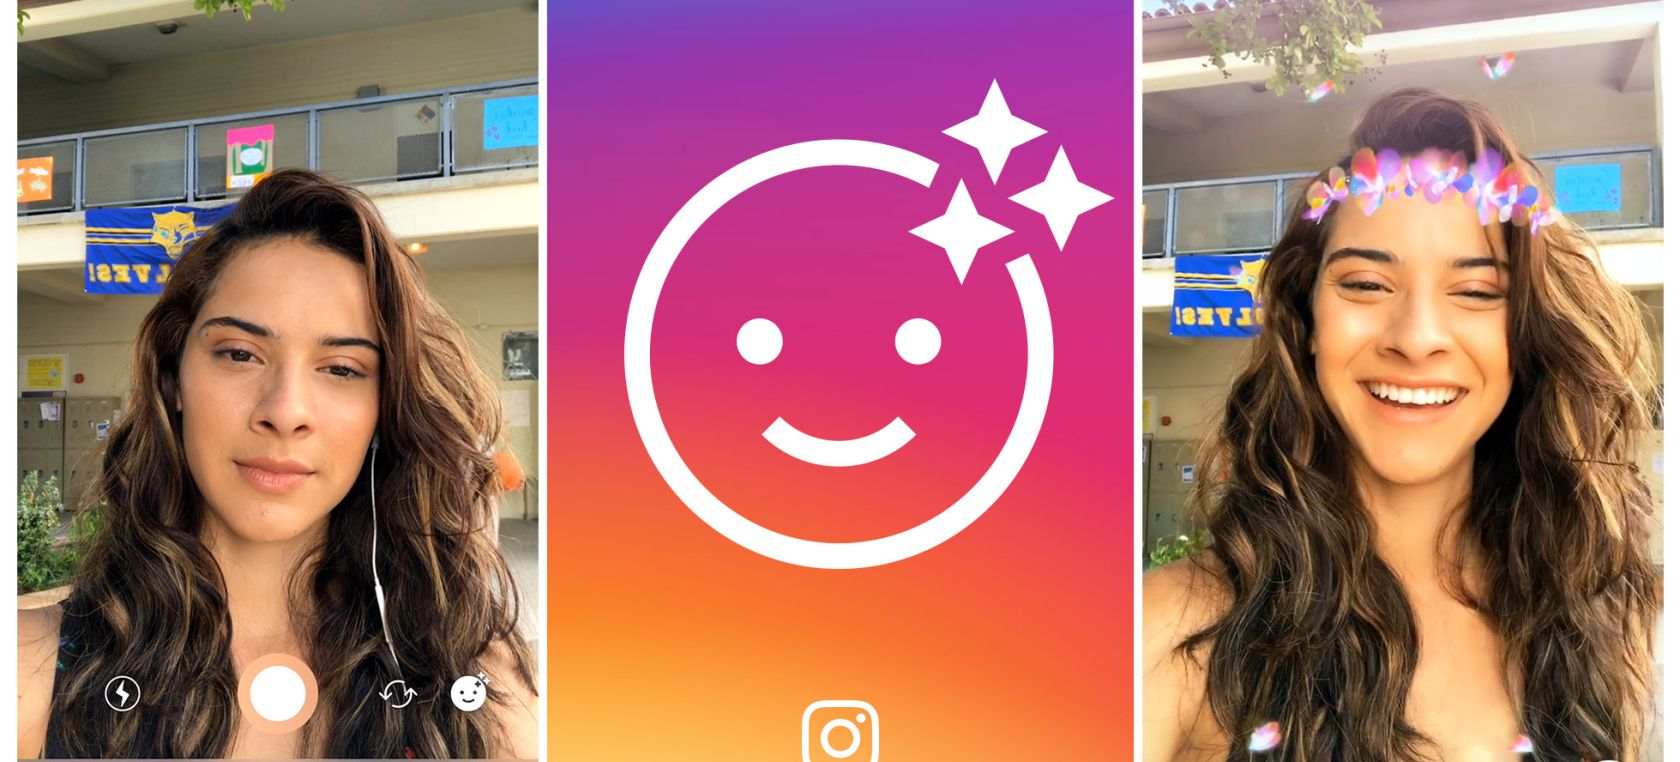 Conseguir todos los filtros de Instagram